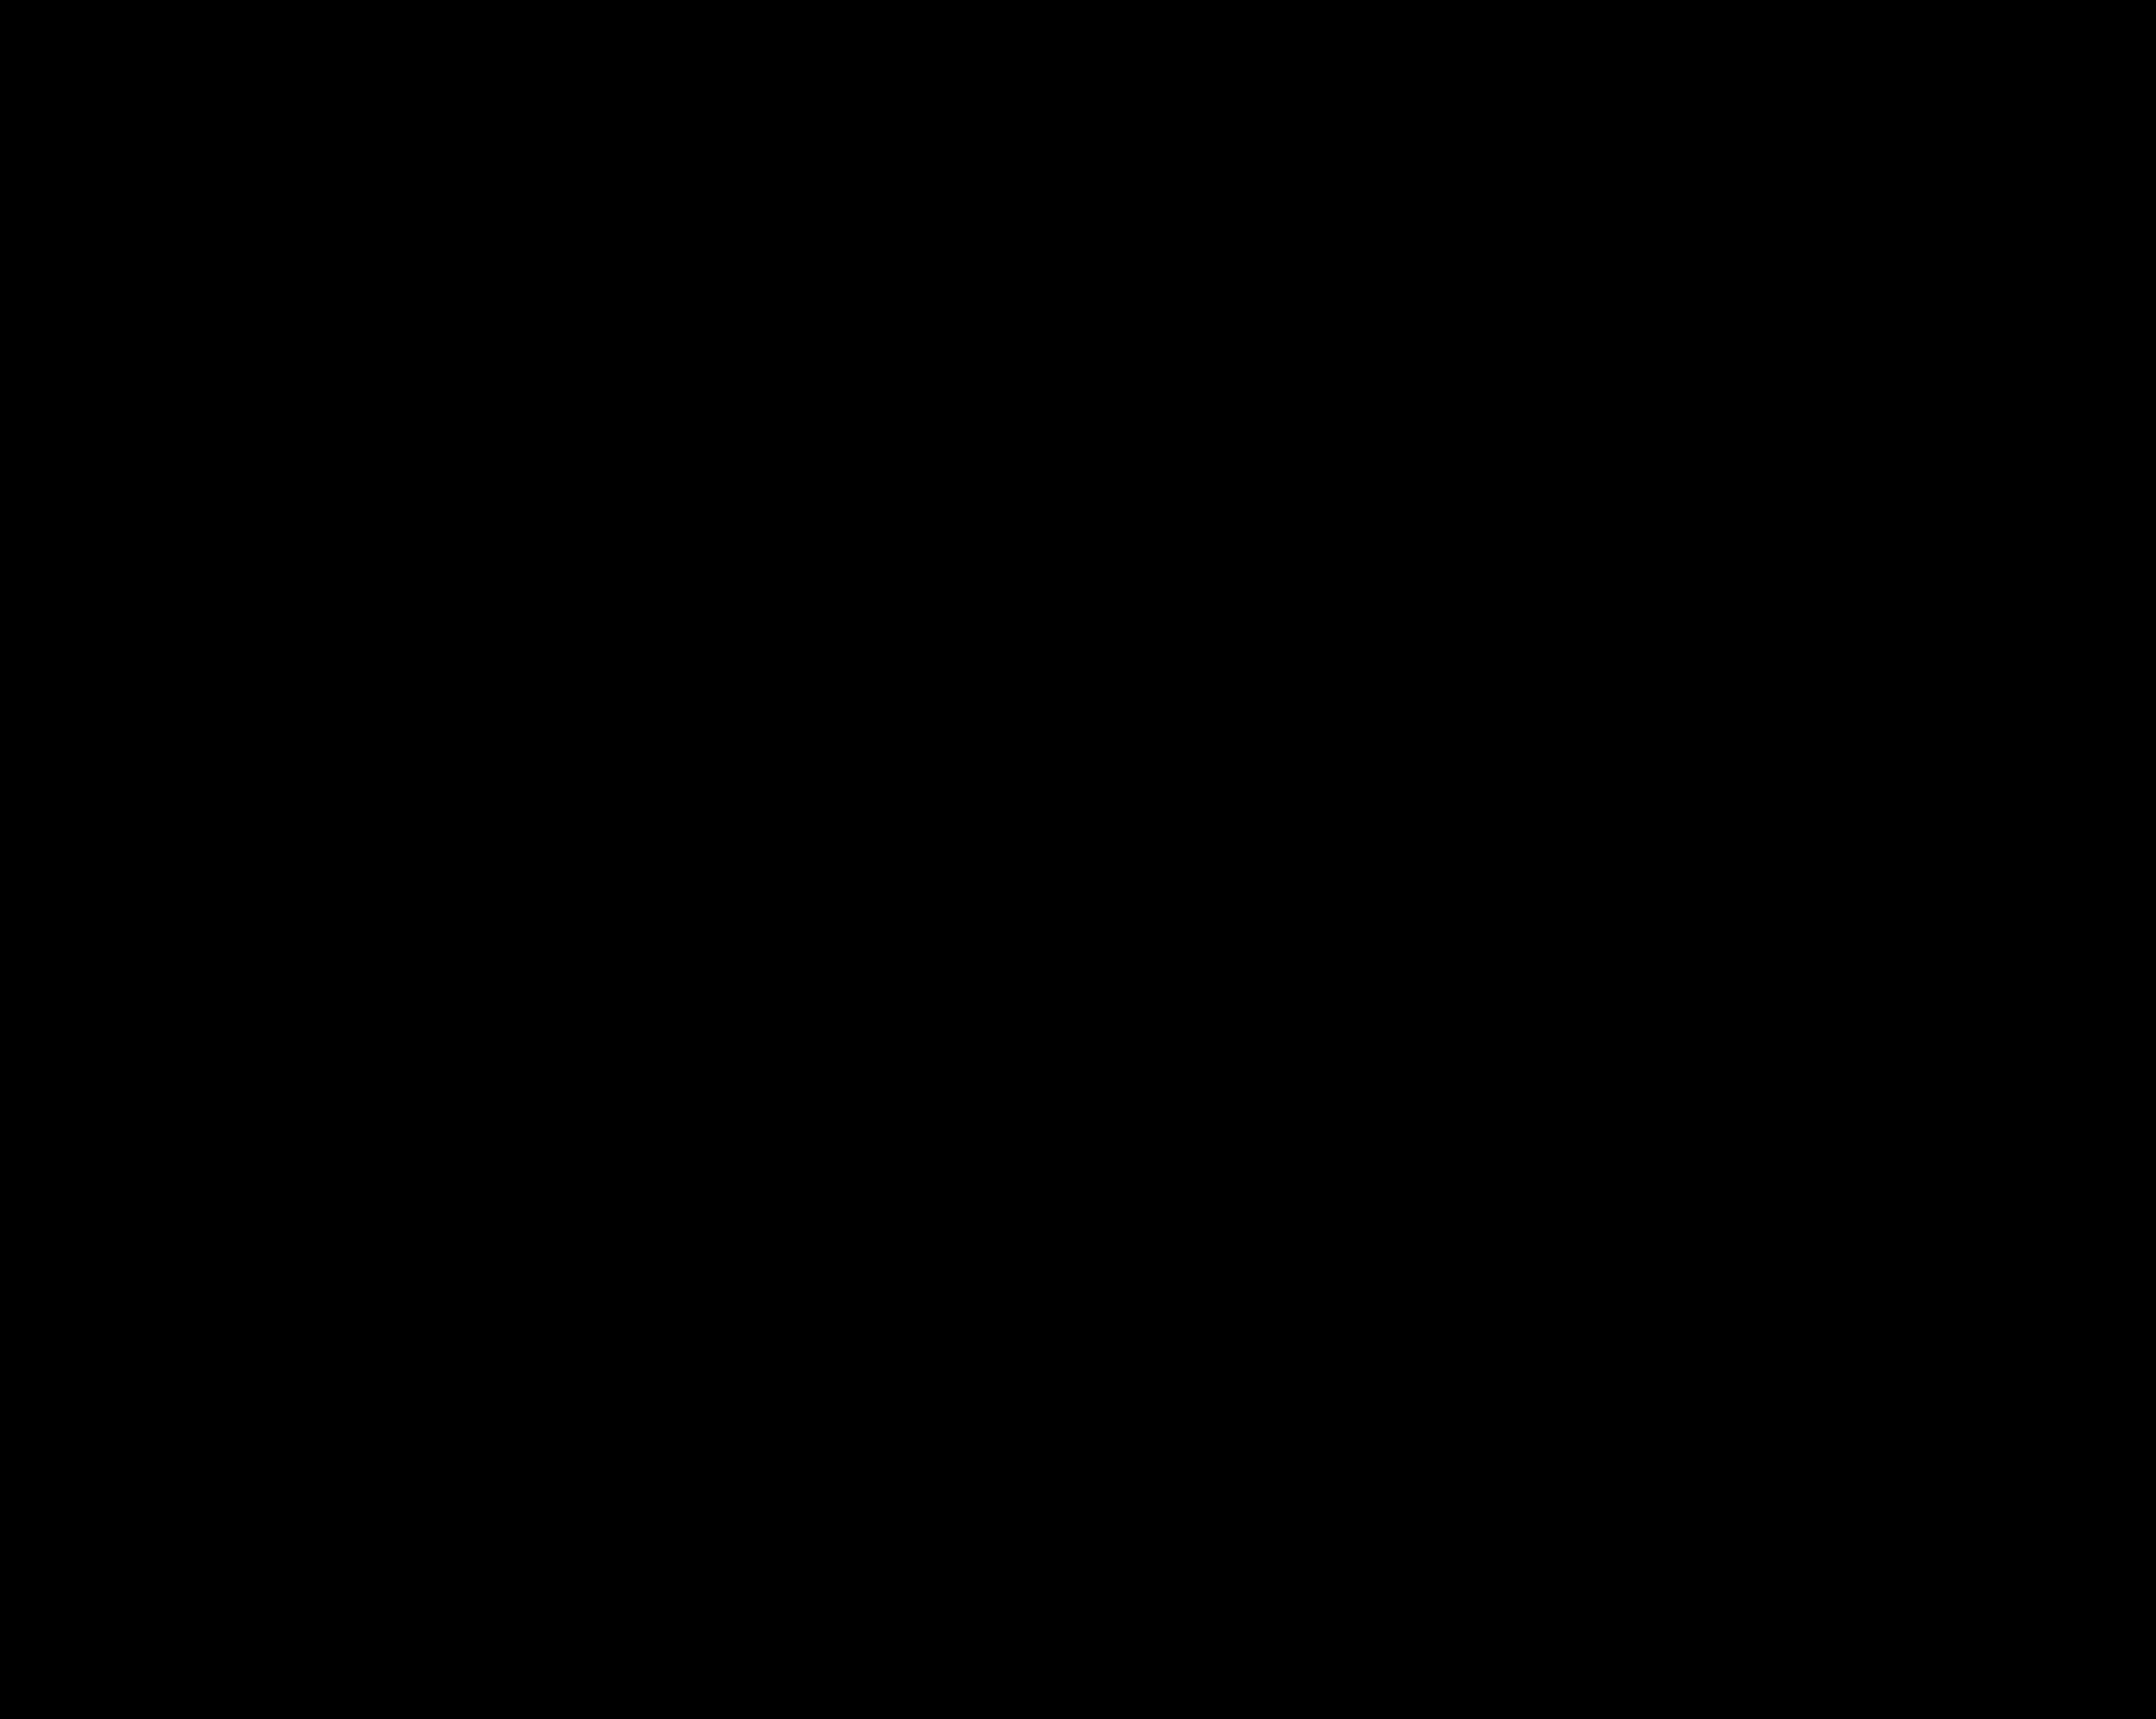 Sweet_Logo_Black.png